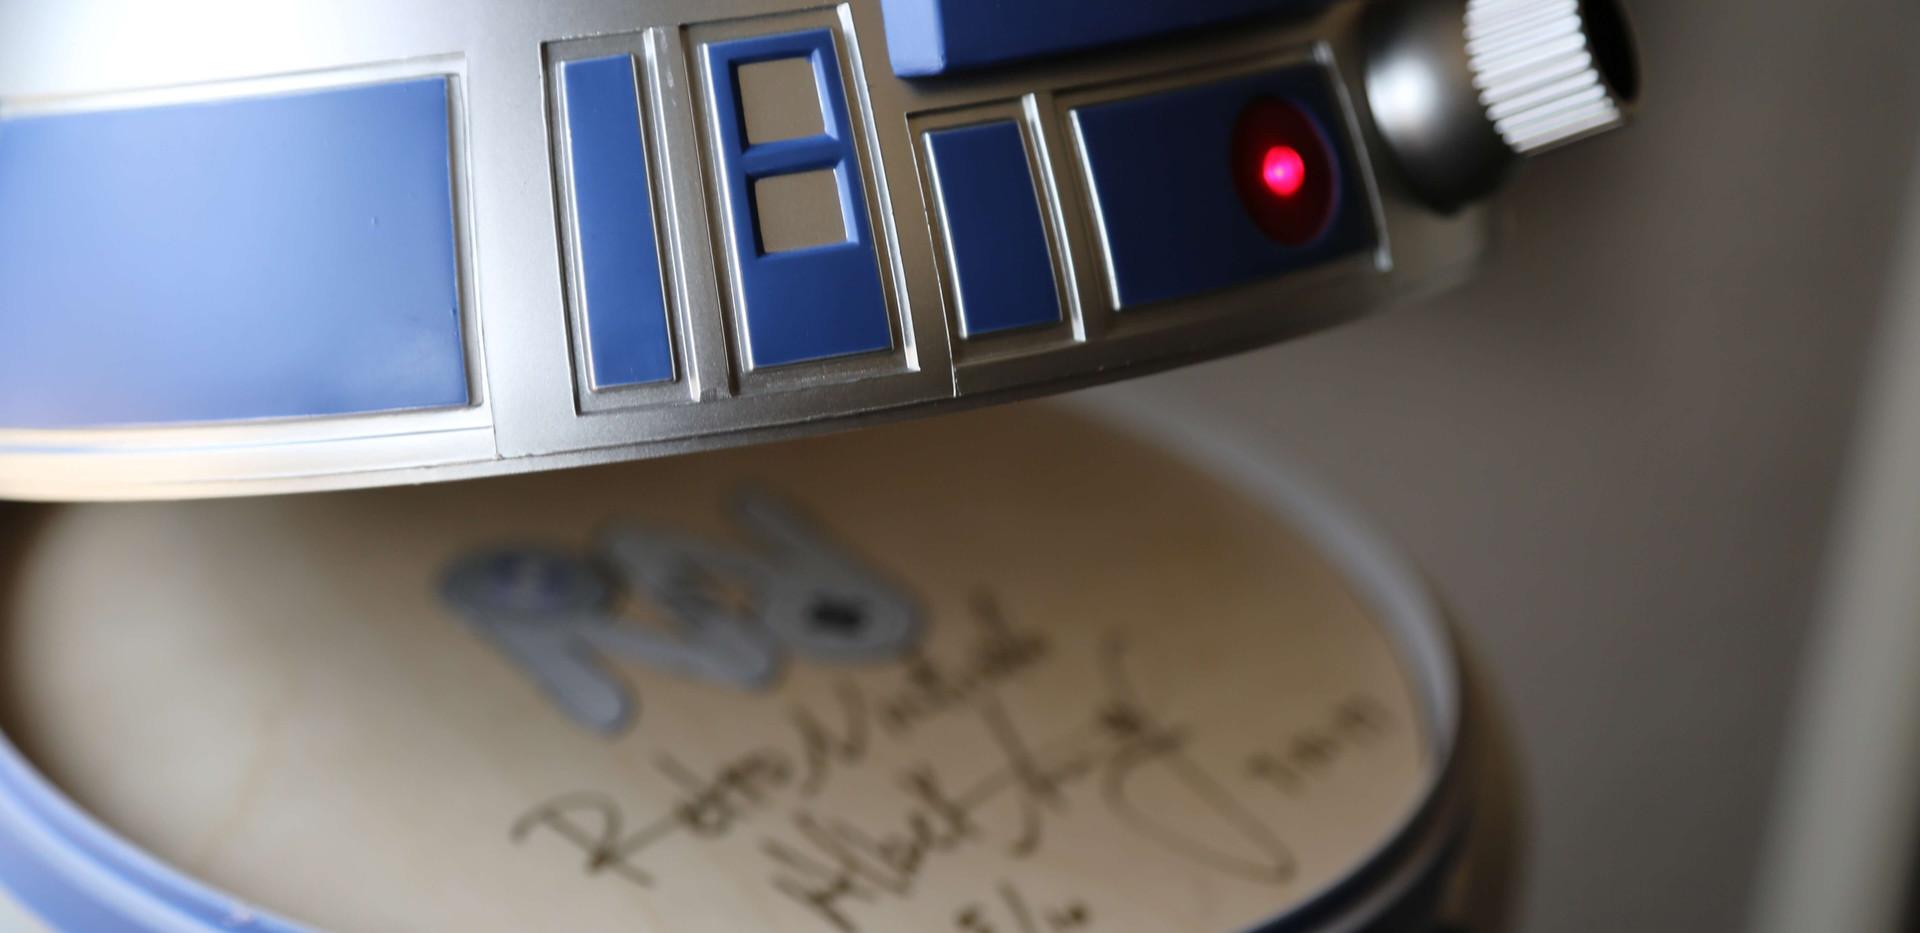 Wii-U-R2-D2-Star-Wars-9.JPG